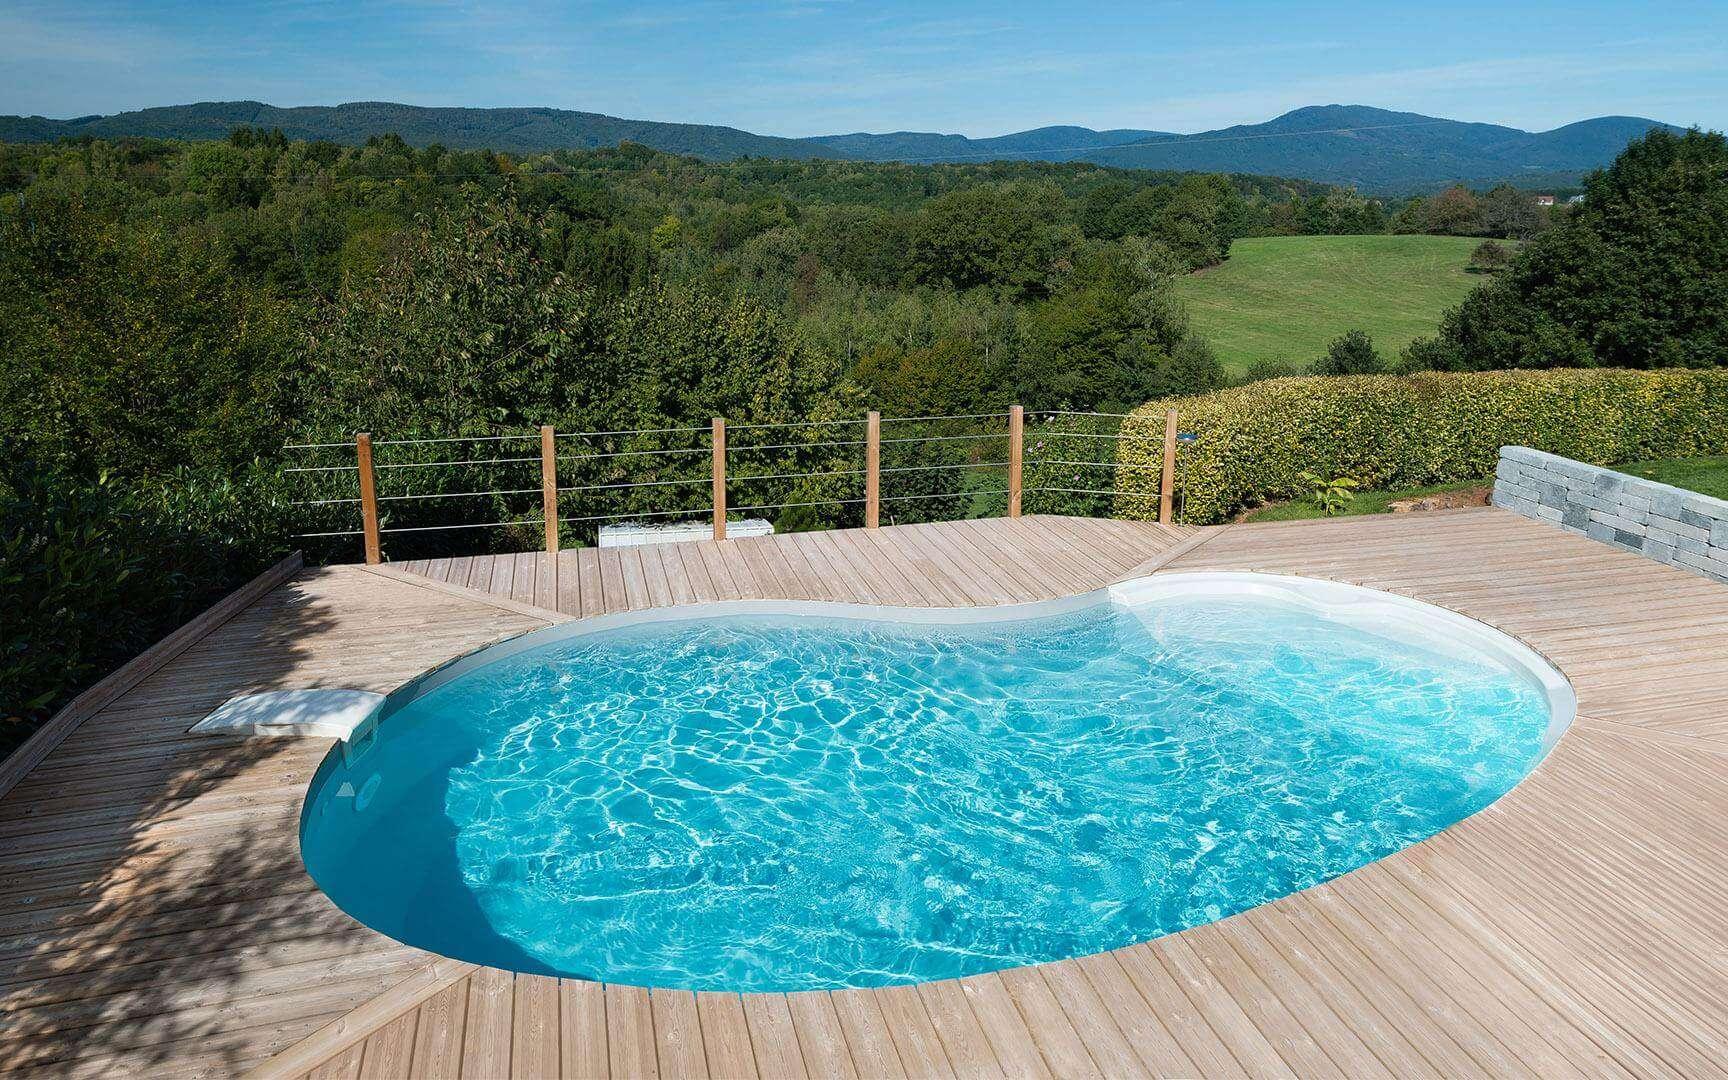 Une piscine zéro consommation d'énergie pour préserver l'environnement